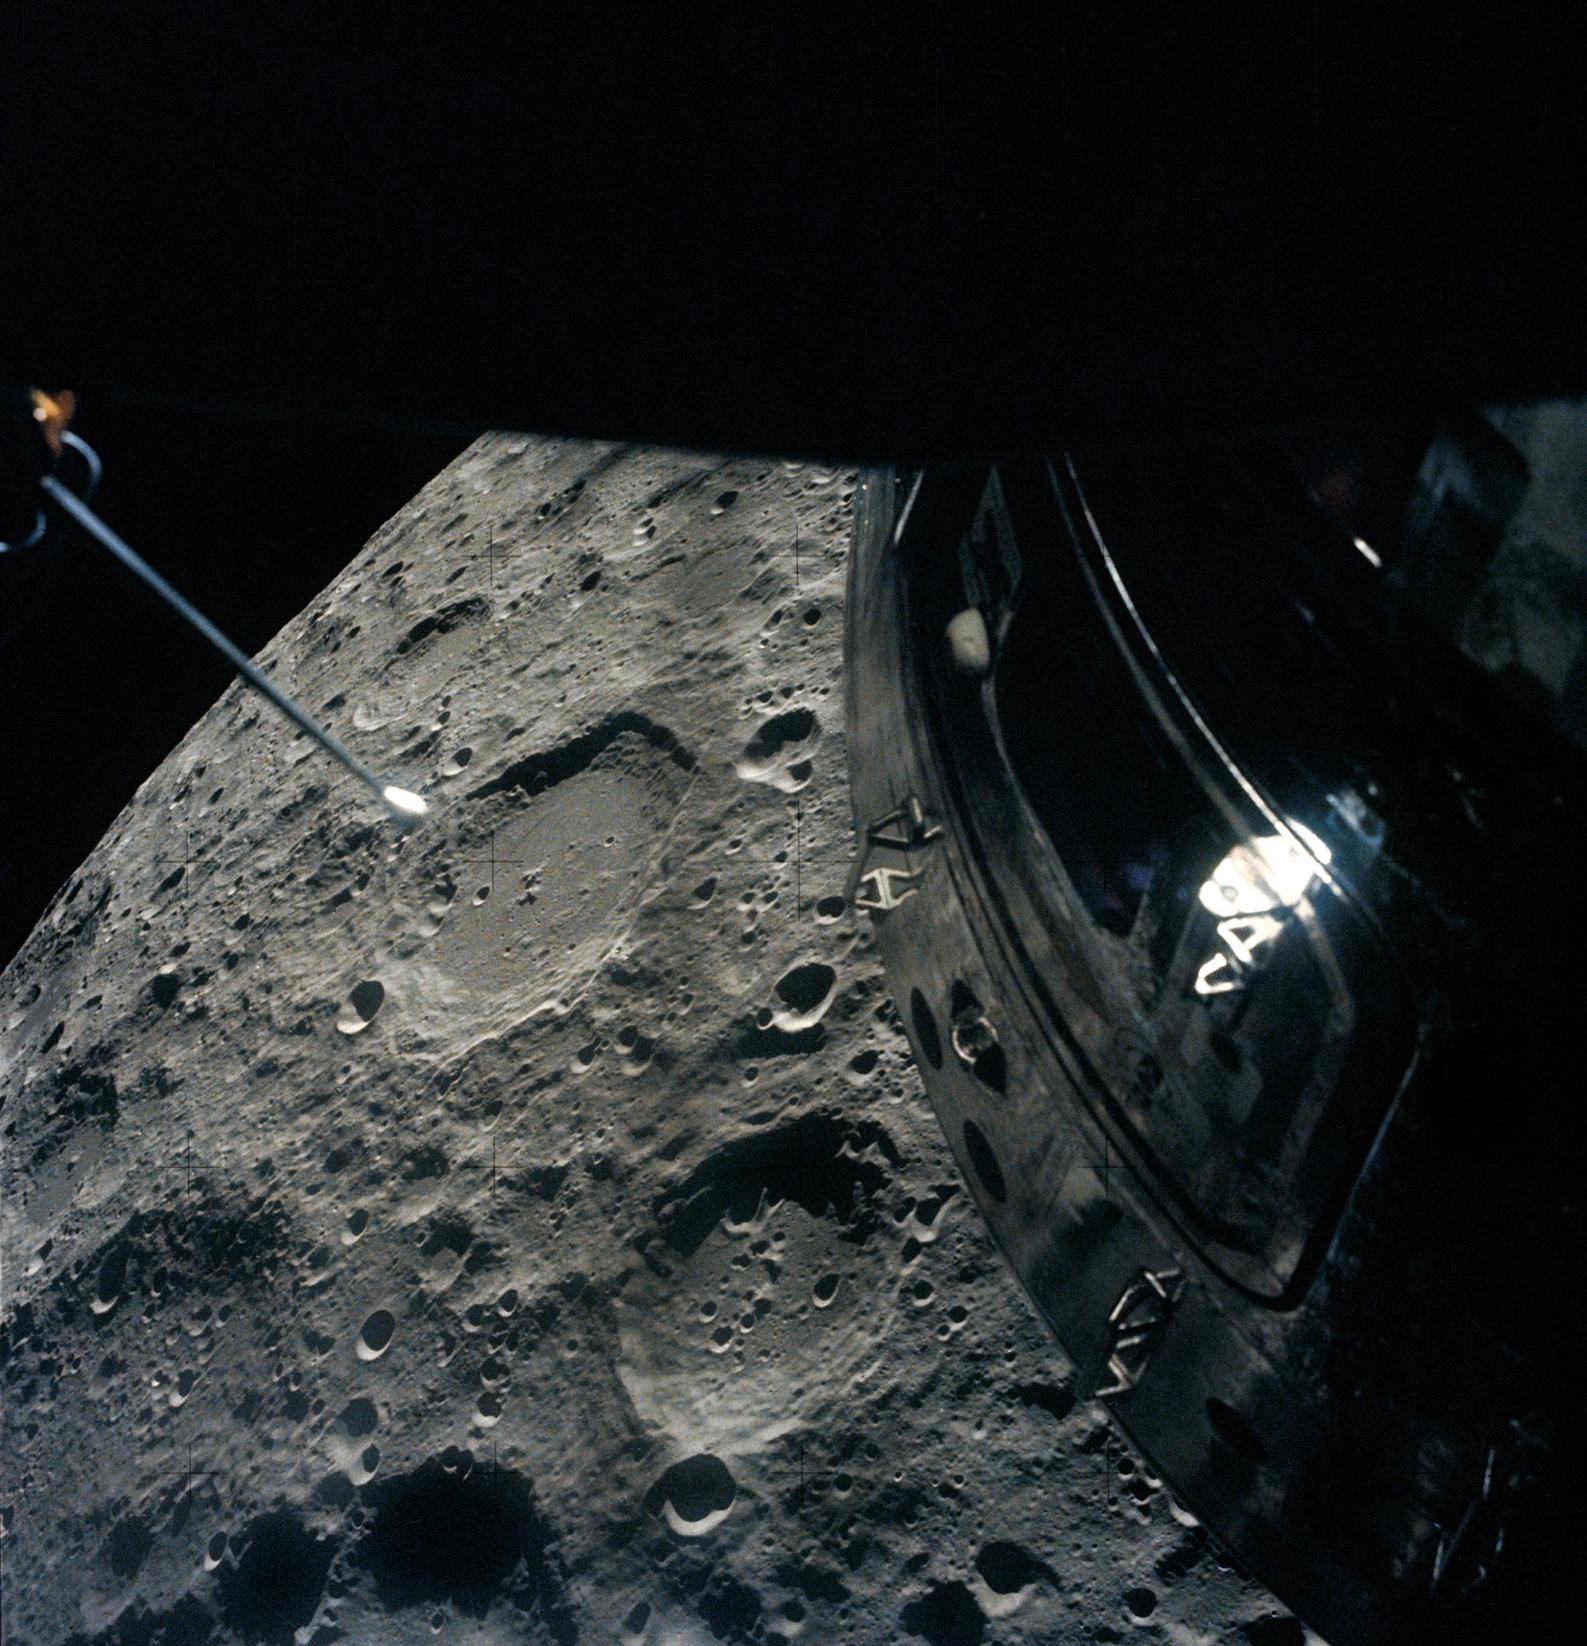 Apollo 13 moon